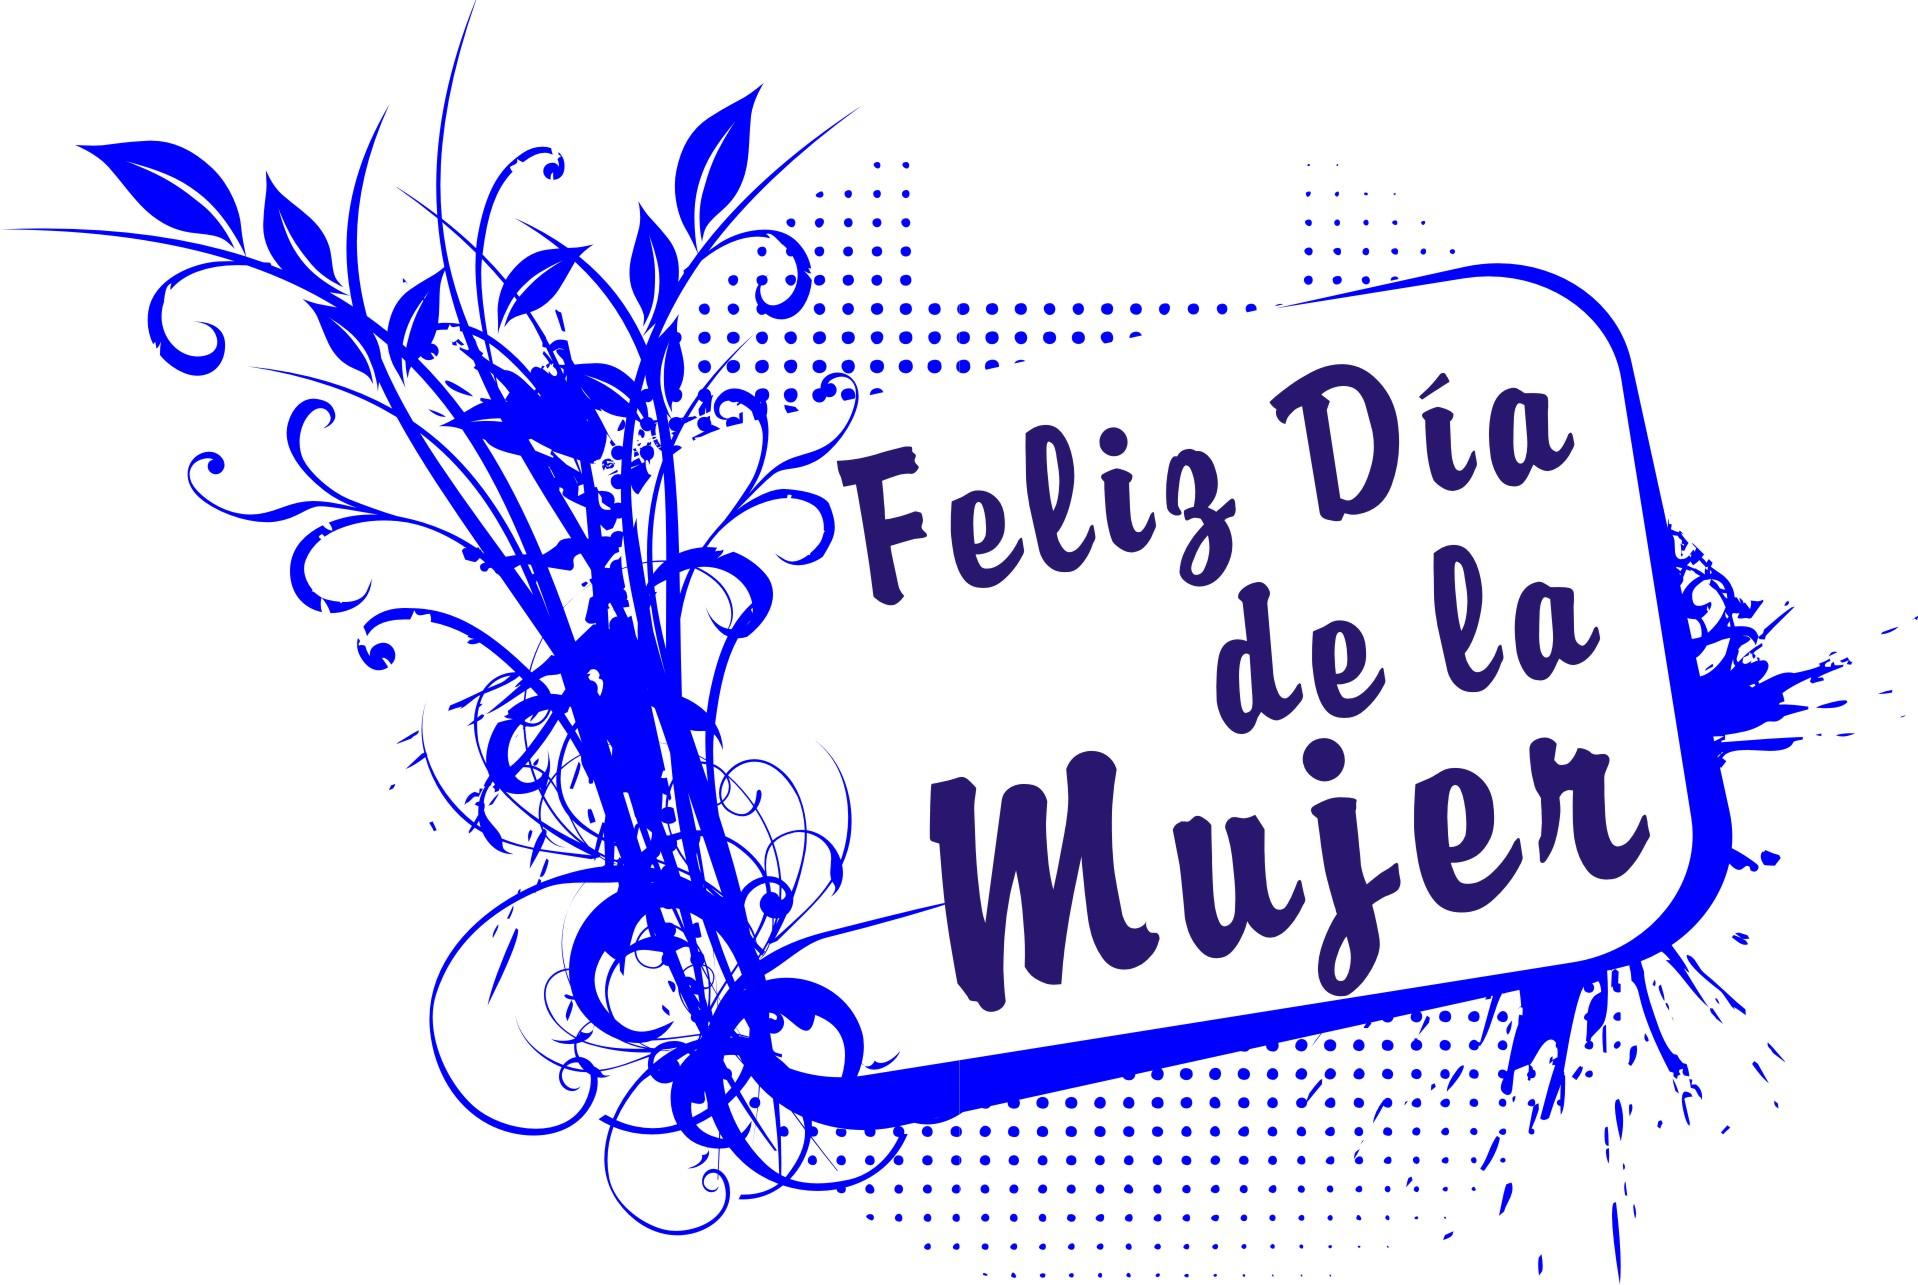 Feliz Dia De La Mujer Liga De Amas De Casa Usuarios Y Consumidores De La Republica Argentina Desejo a você um feliz natal e mais 365 dias de felicidade! liga de amas de casa usuarios y consumidores de la republica argentina